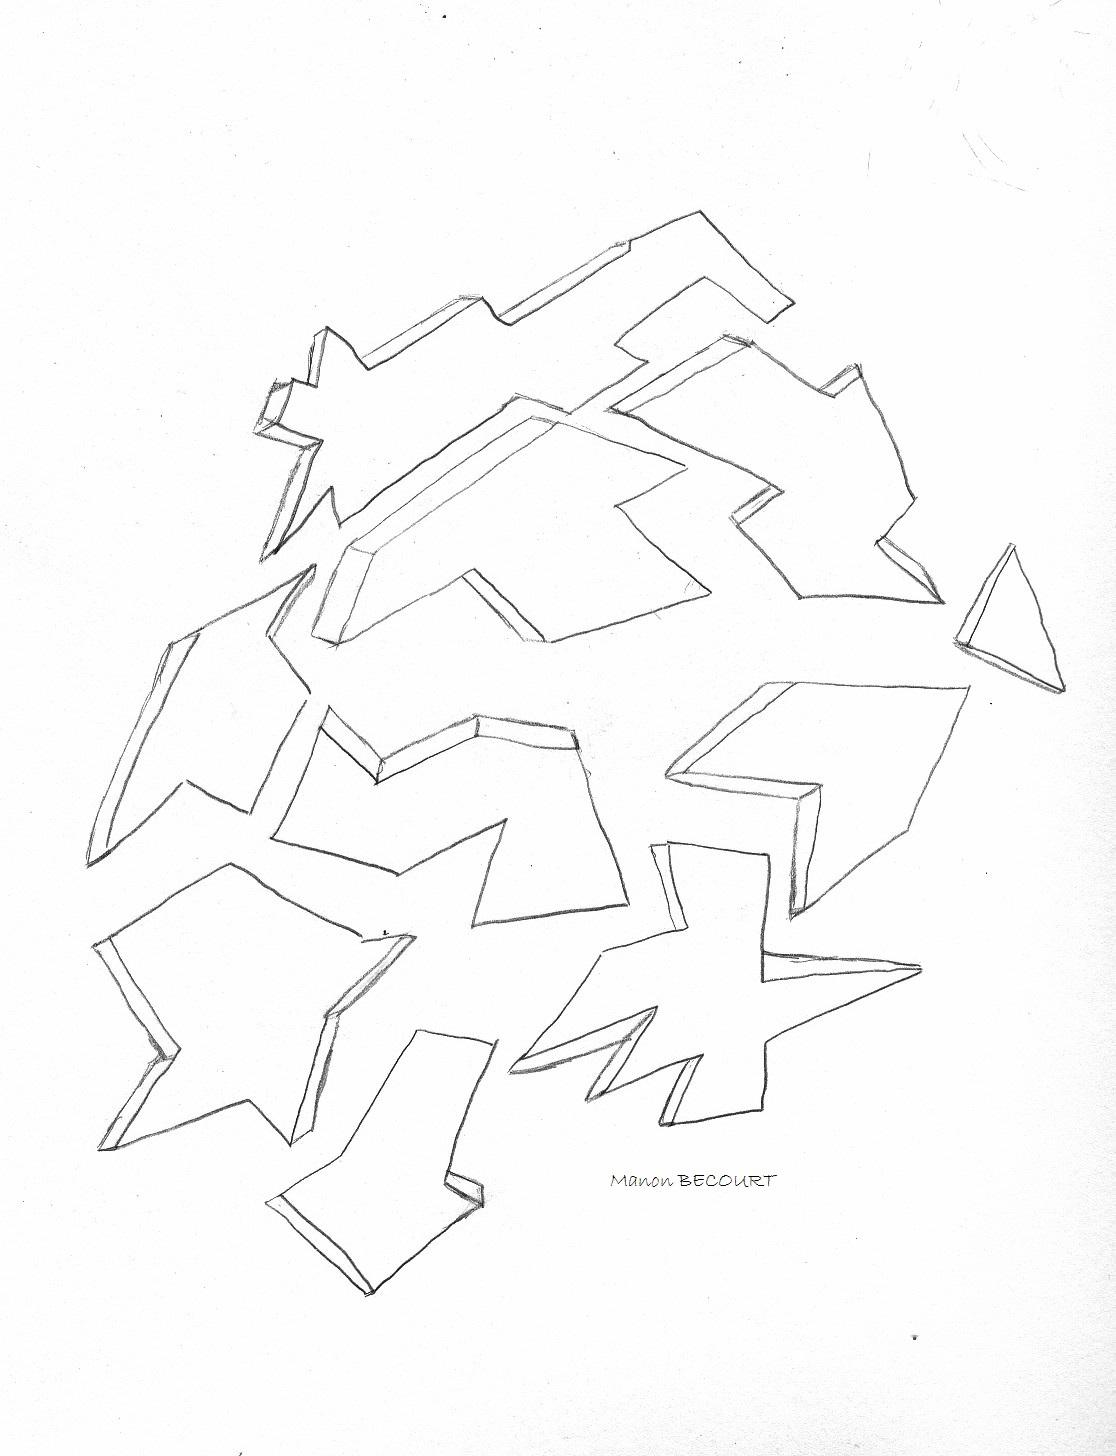 Dessin g om trique colorier - Coloriage geometrique ...